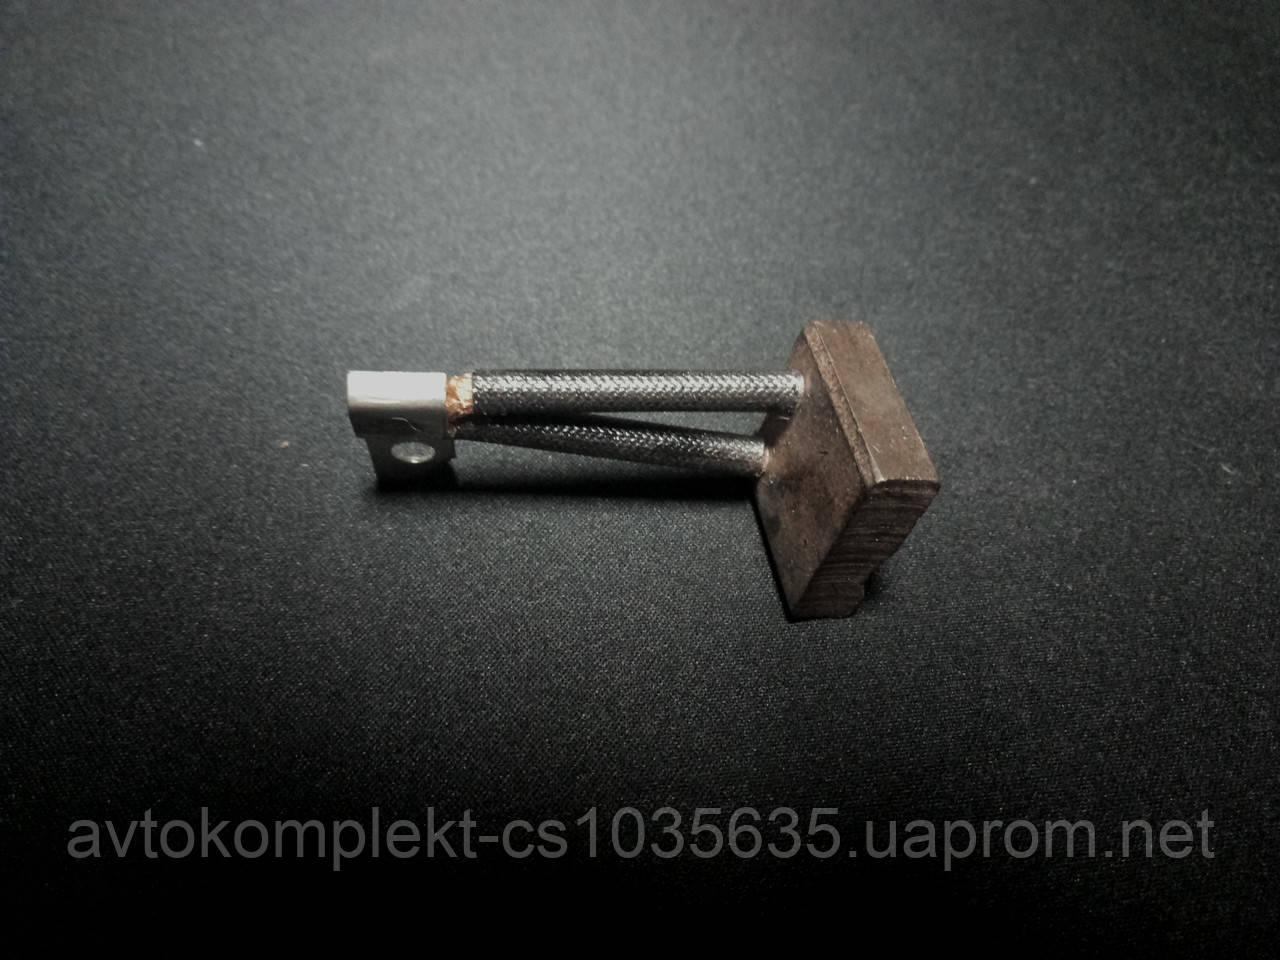 Щетка стартера AZJ-4183 ISKRA (МТЗ, ГАЗ, ПАЗ) 12V (комплект 4 шт.)